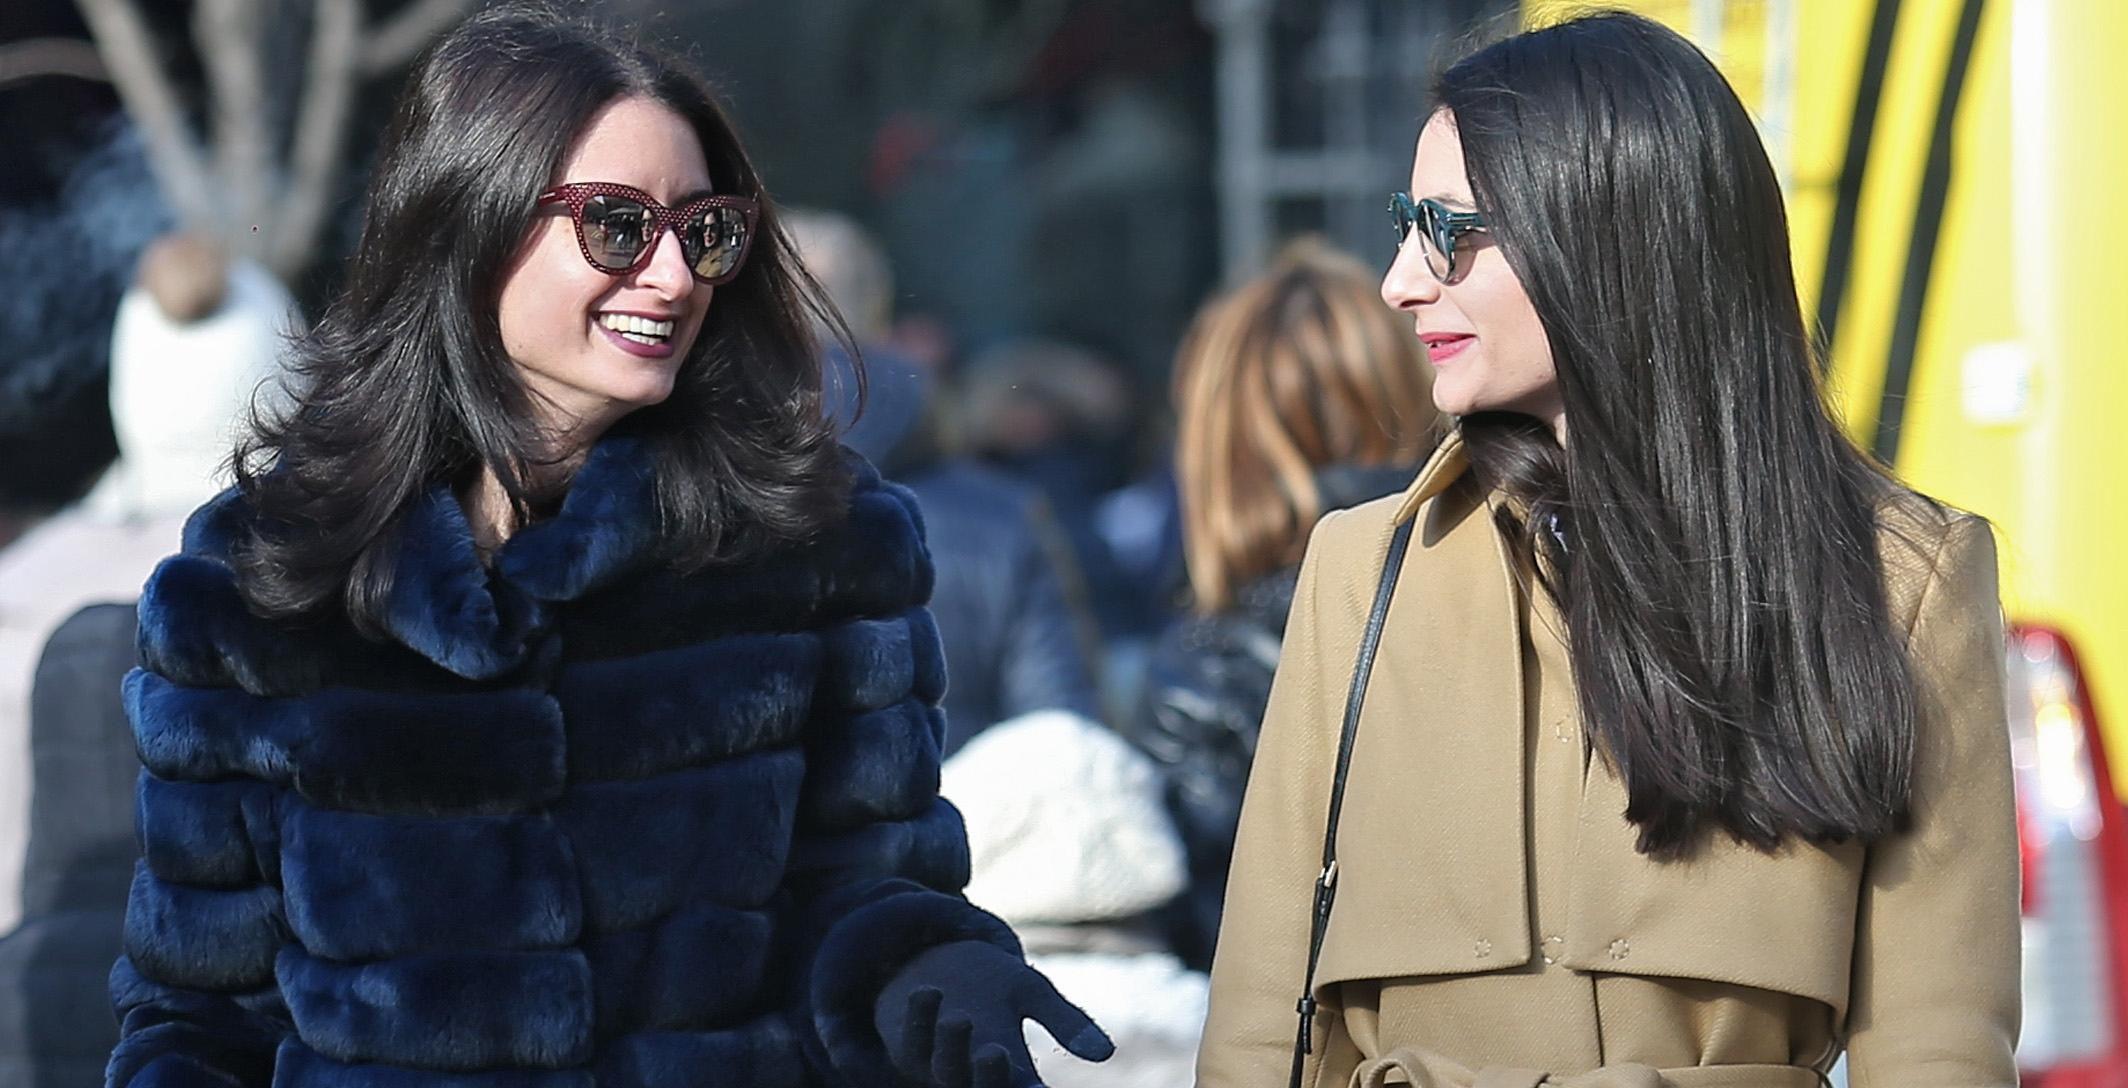 Uz tople osmijehe nema zime: Chic prijateljice osvojile špicu